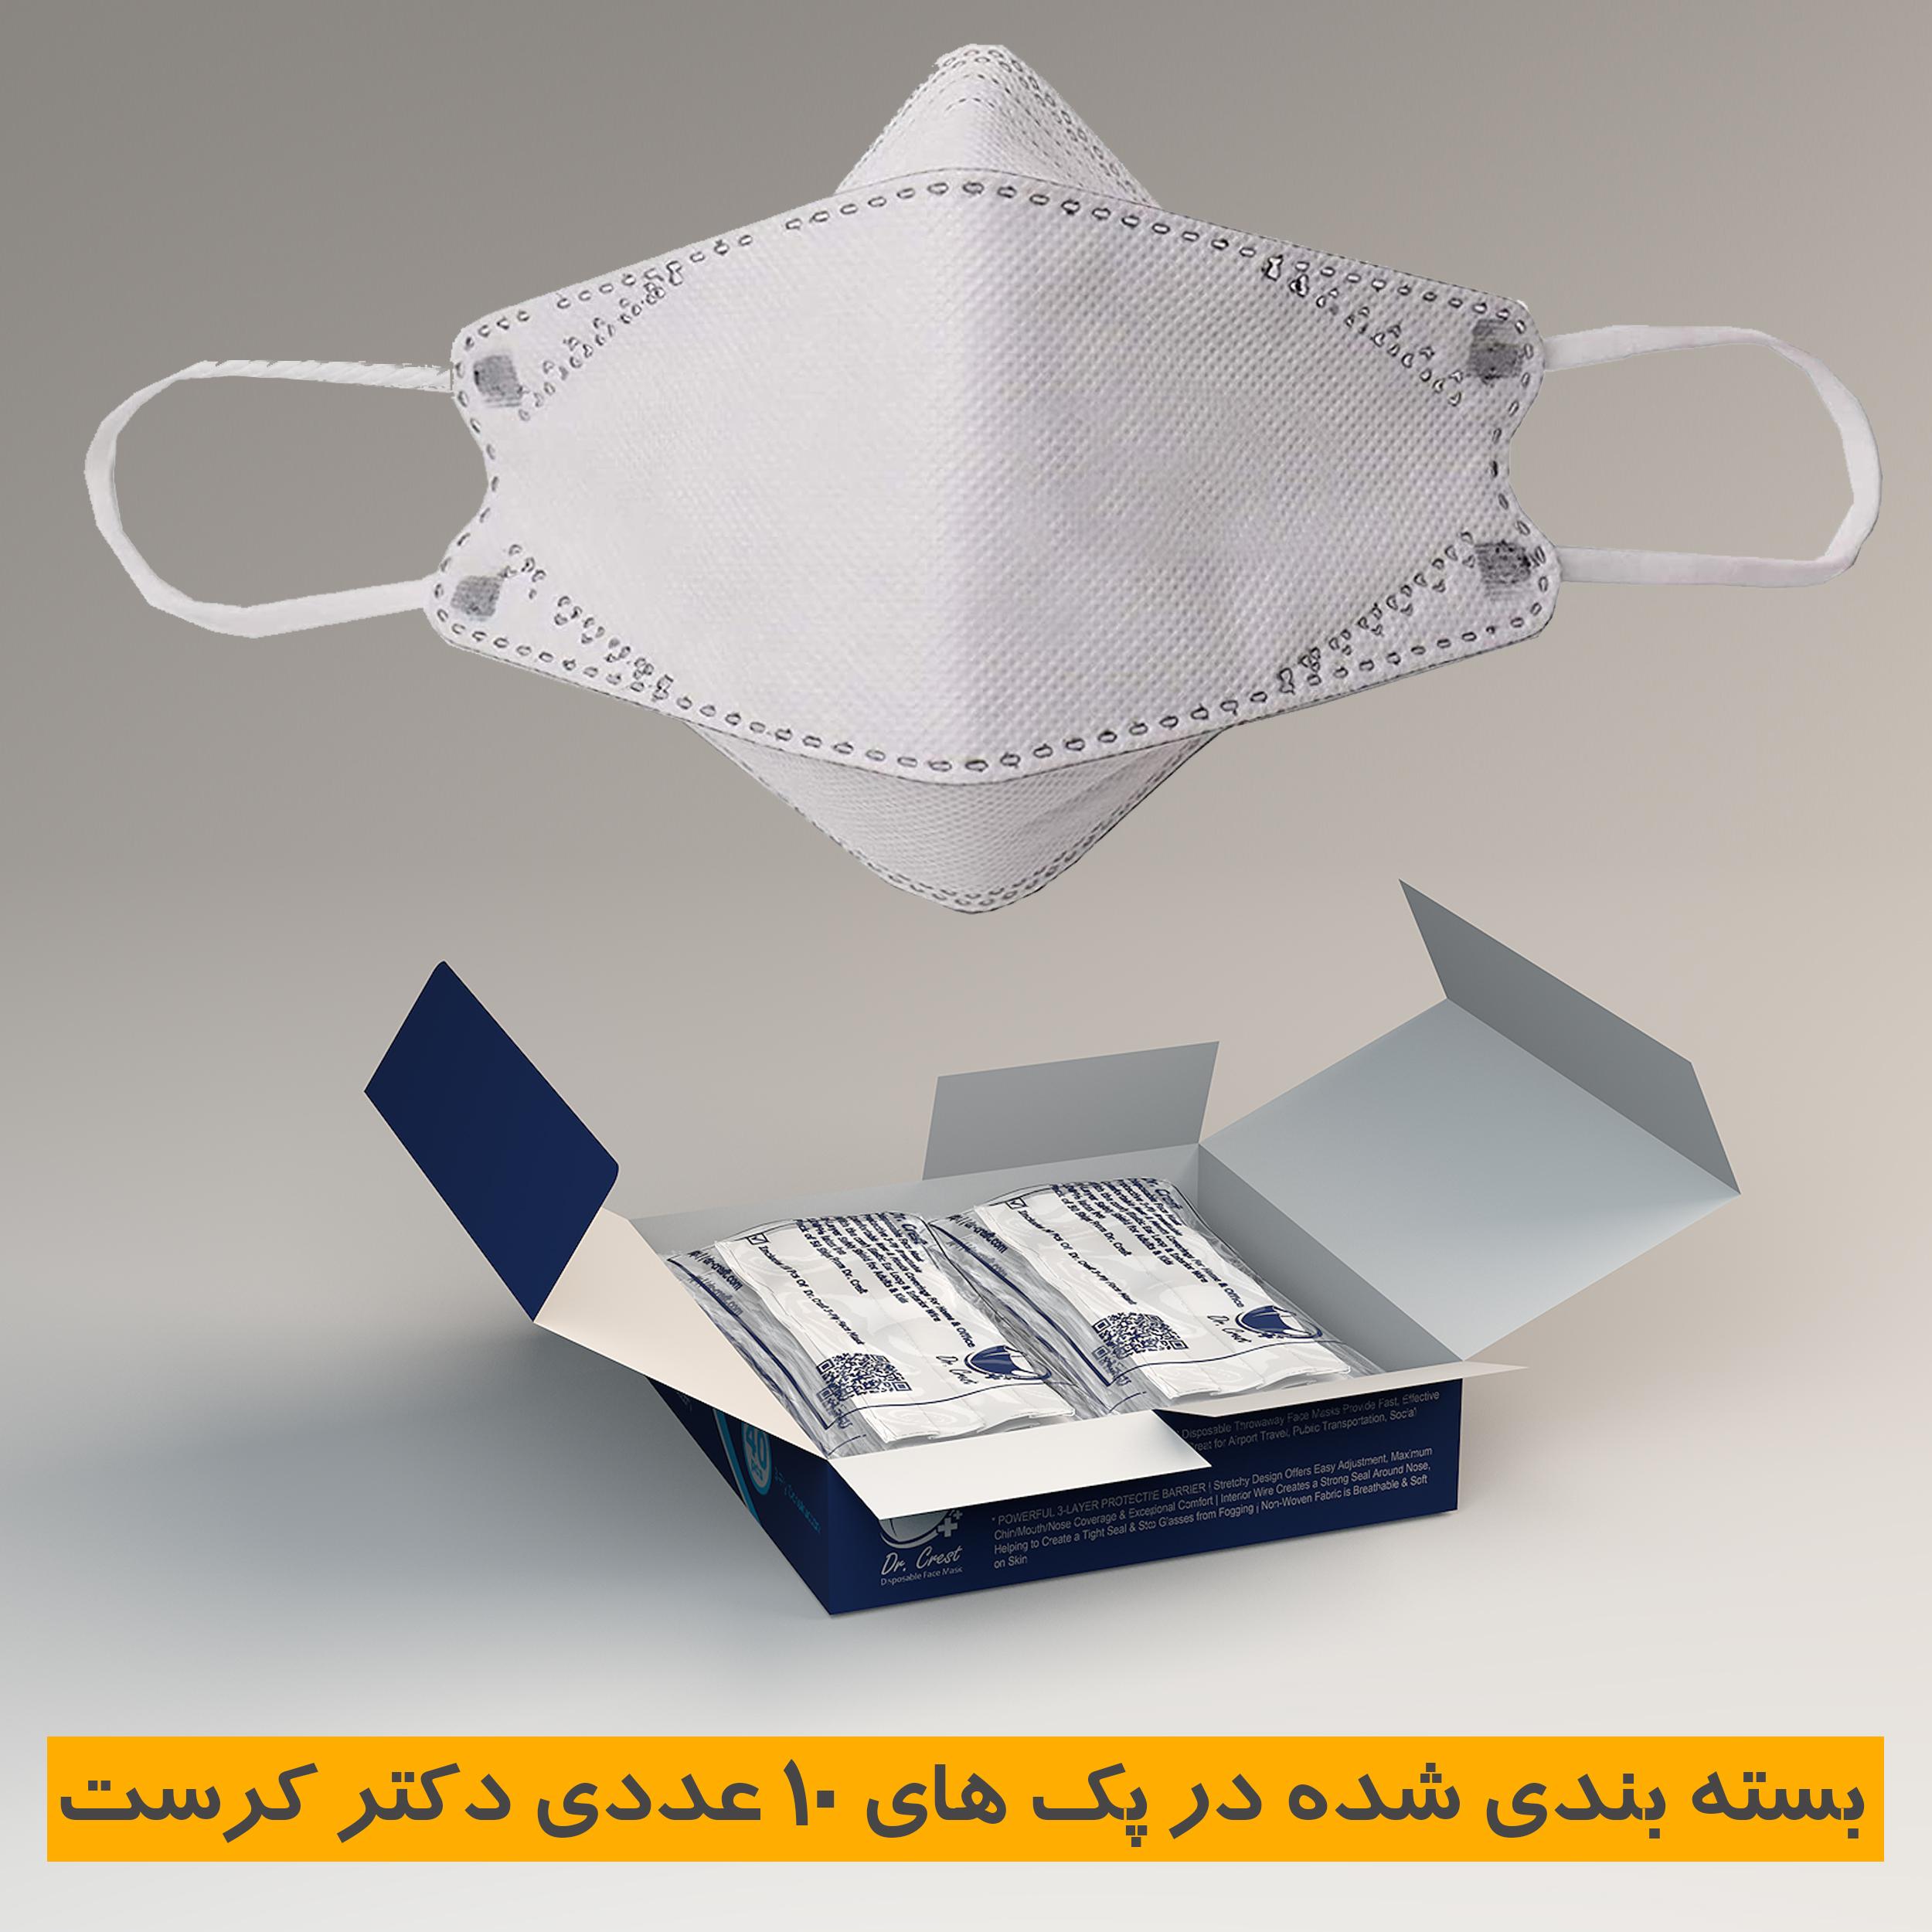 ماسک تنفسی دکتر کرست مدل Drc-3D-40